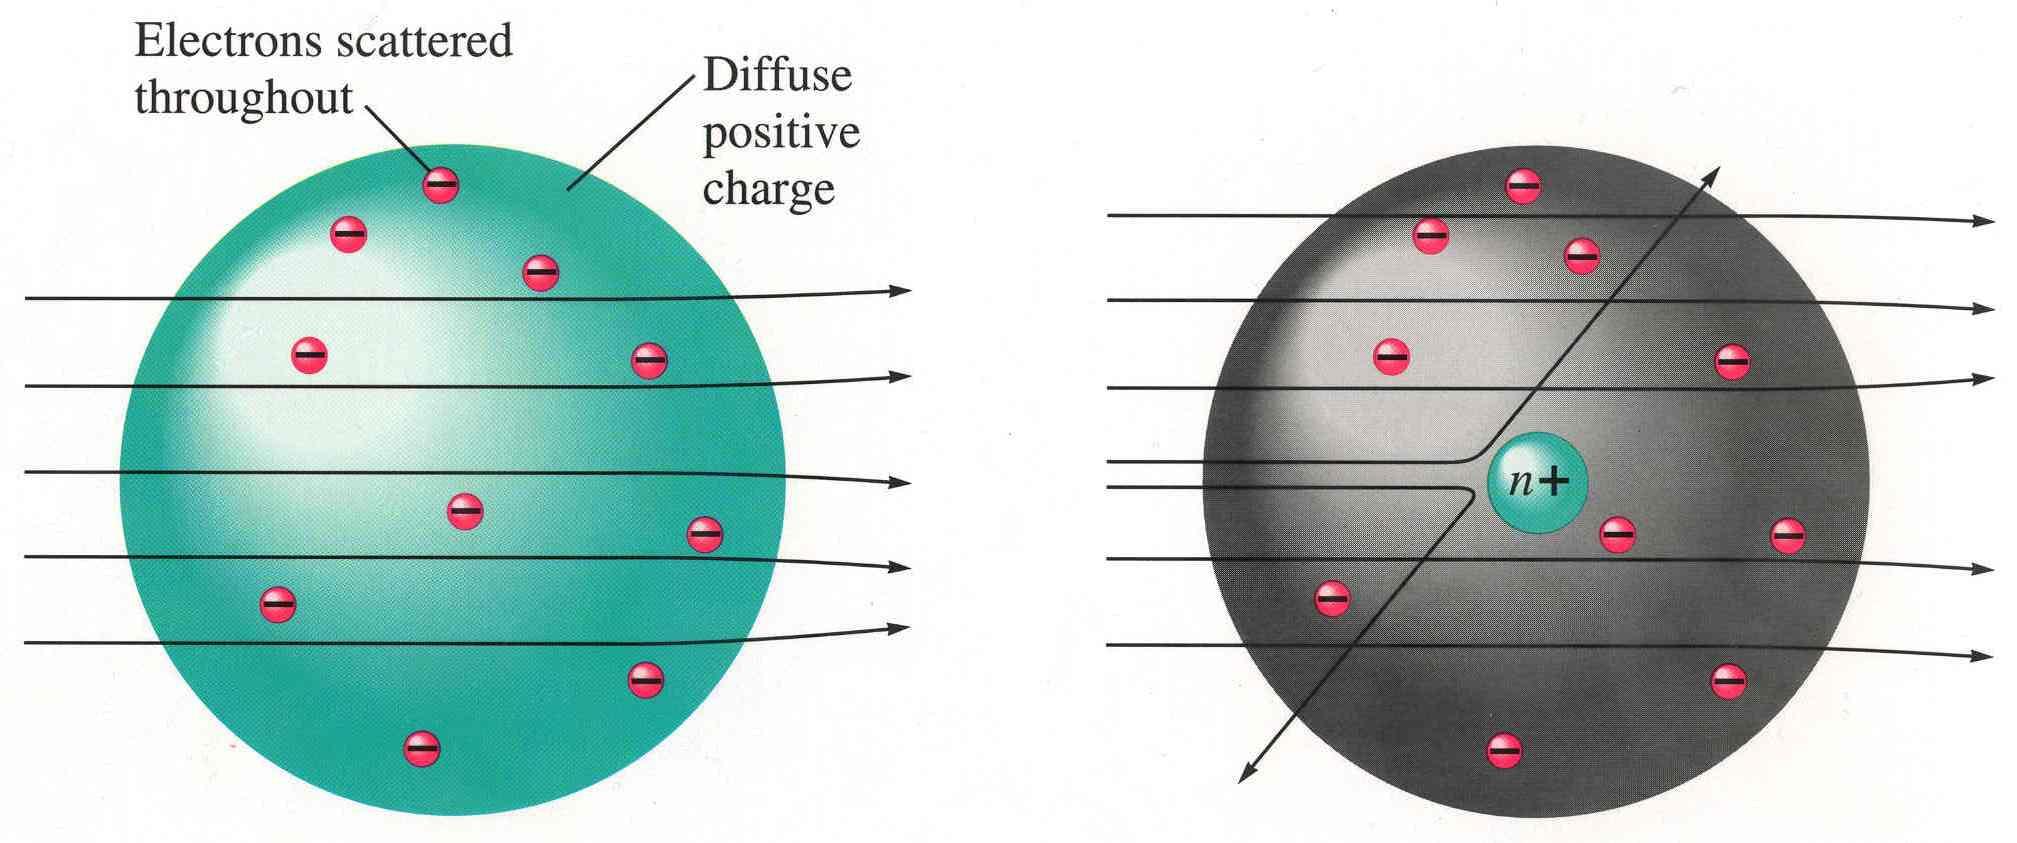 Sol tarafta, Thomson'ın modeline göre olması gereken davranış görülmektedir. Sağ tarafta ise, Rutherford'un gözlemlediği durum gösterilmektedir. Dolayısıyla Thomson'ın modelinin hatalı olduğu anlaşılmıştır.